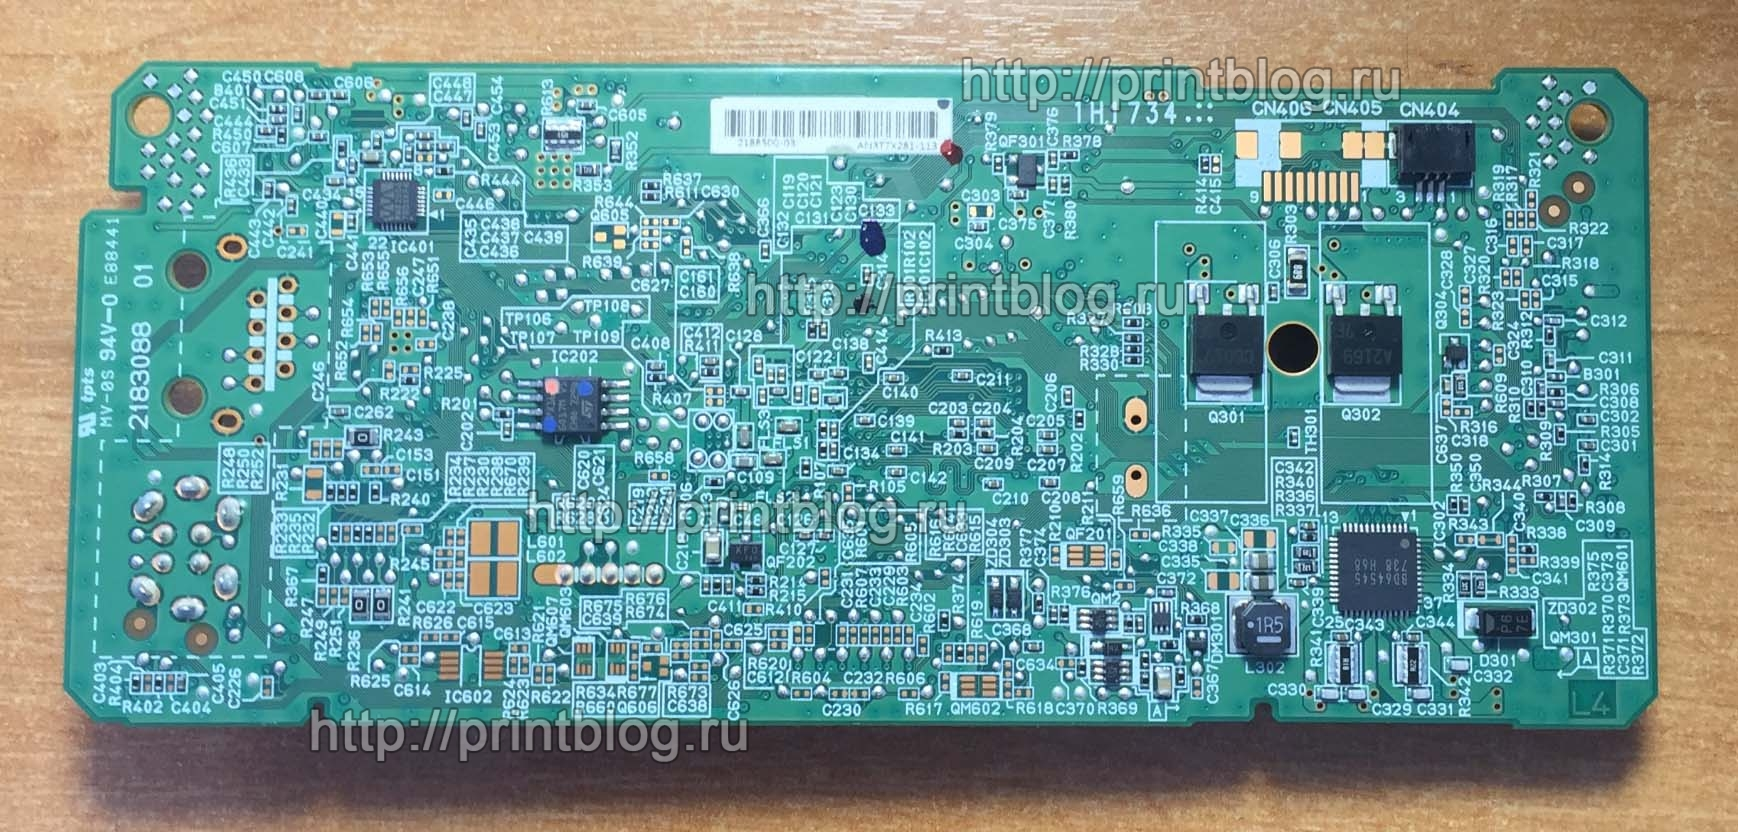 Предохранители F301 на главной плате принтера Epson L4160 (2183088 01)